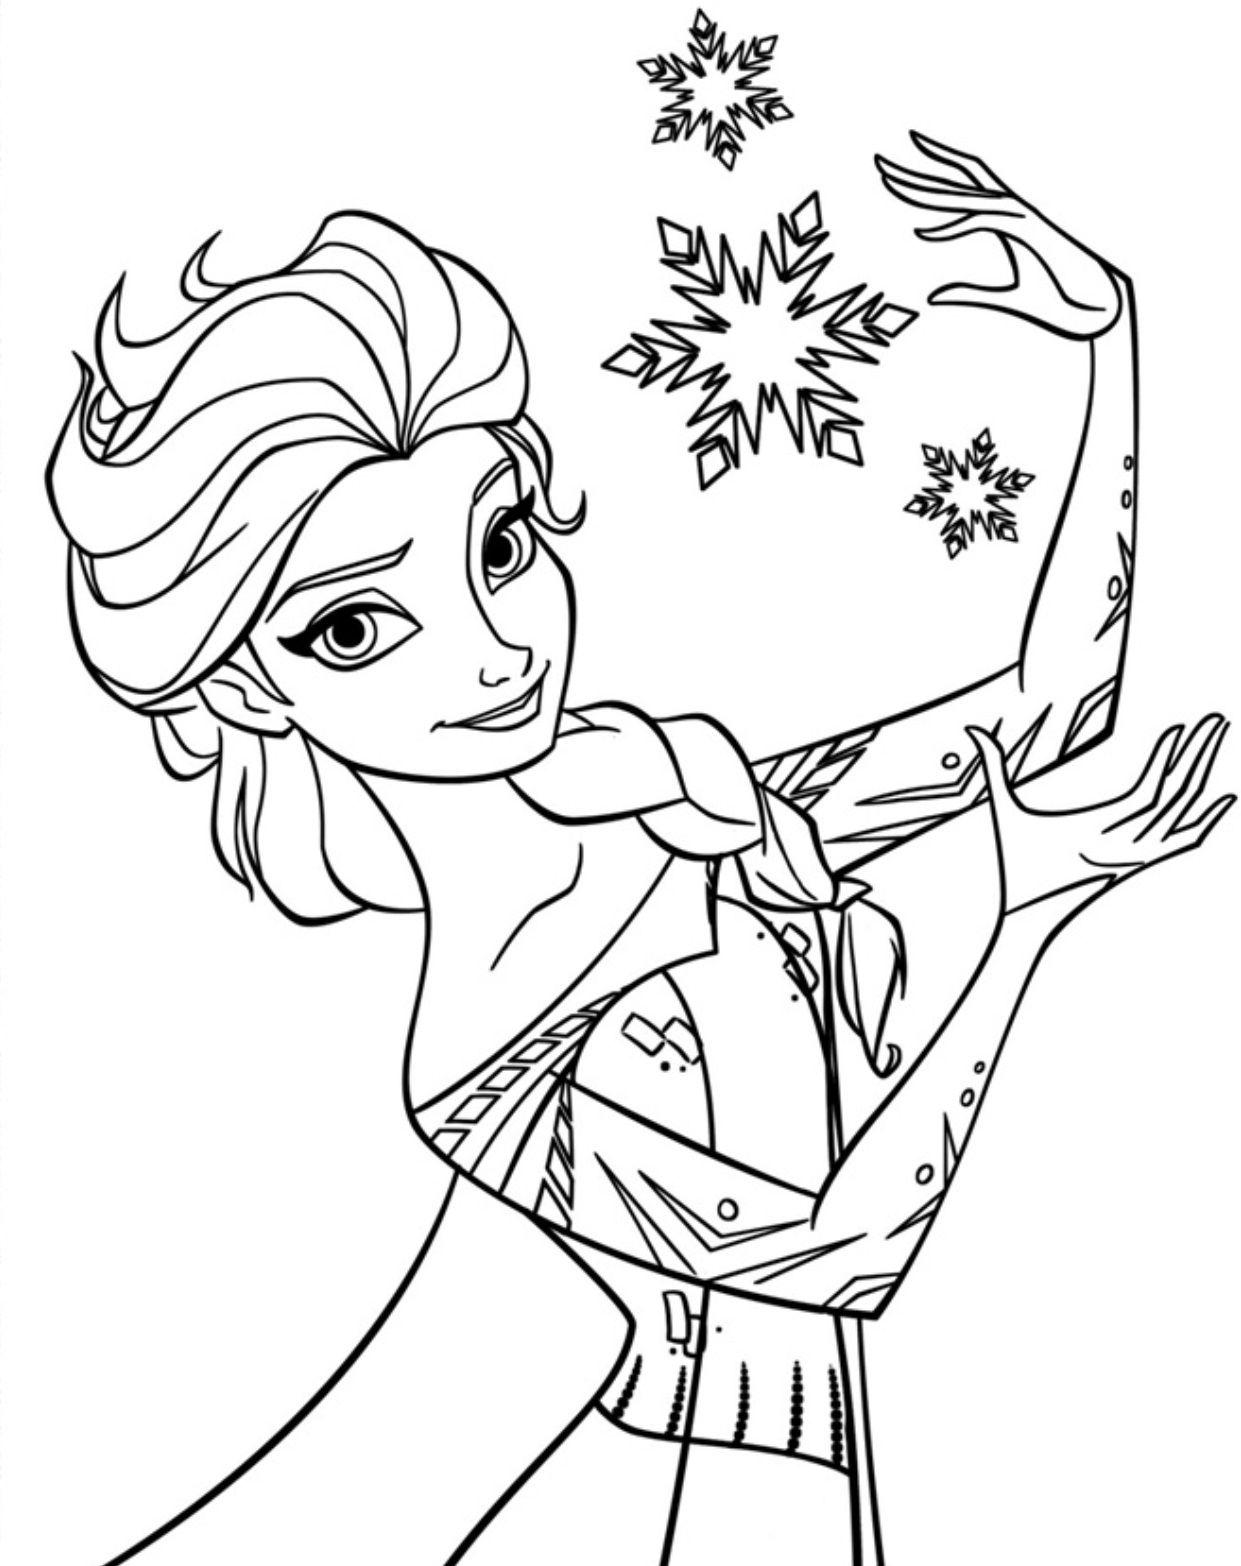 printable coloring pages frozen elsa elsa frozen coloring pages only coloring pages coloring elsa pages printable frozen